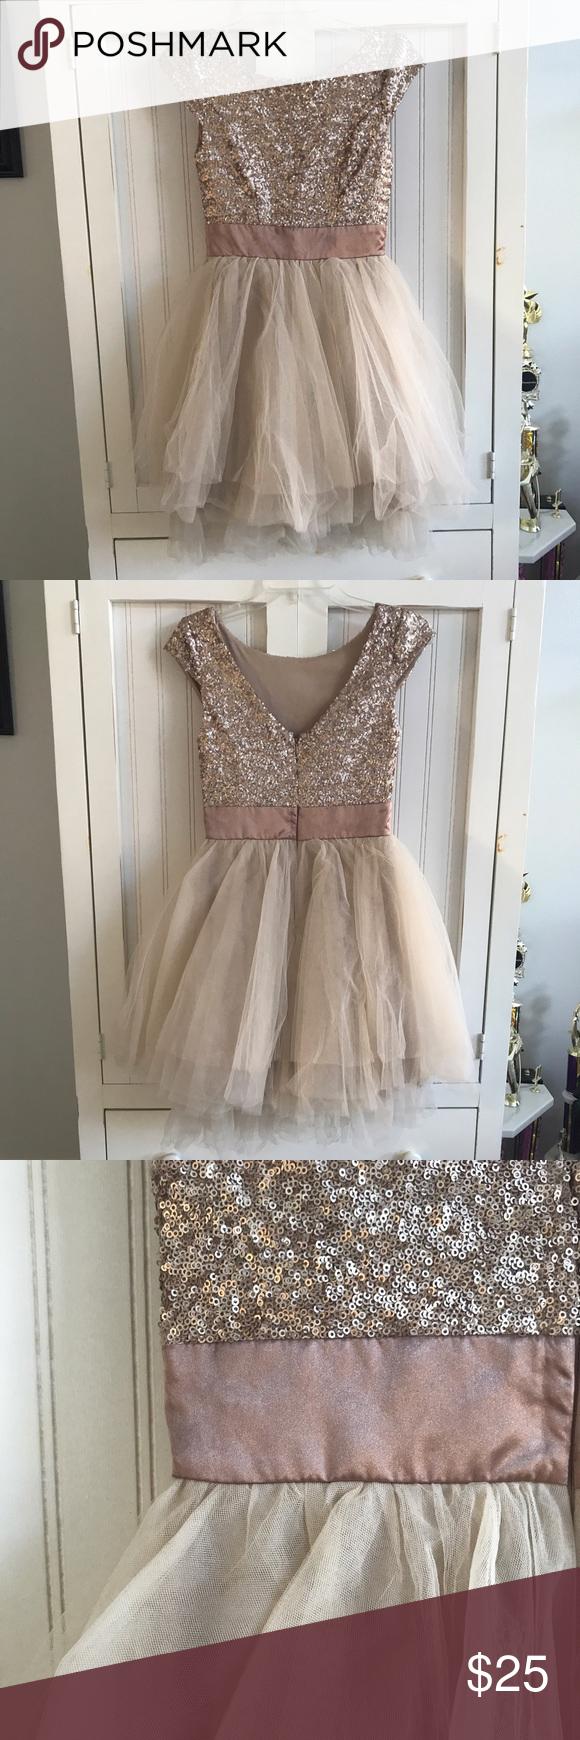 Beste Charlotte Russe Prom Kleider Bilder - Brautkleider Ideen ...